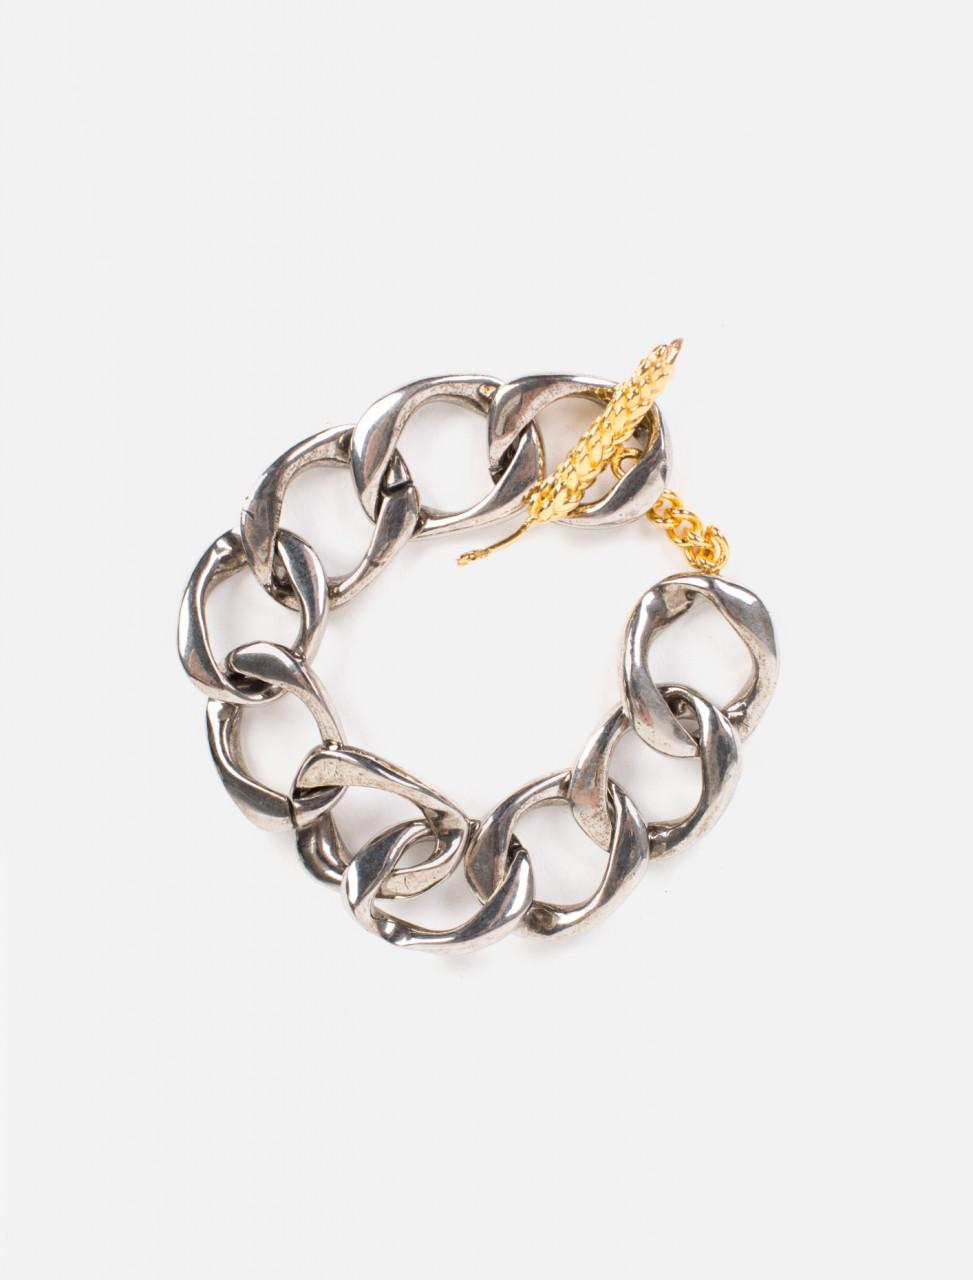 Le Bracelet Blé